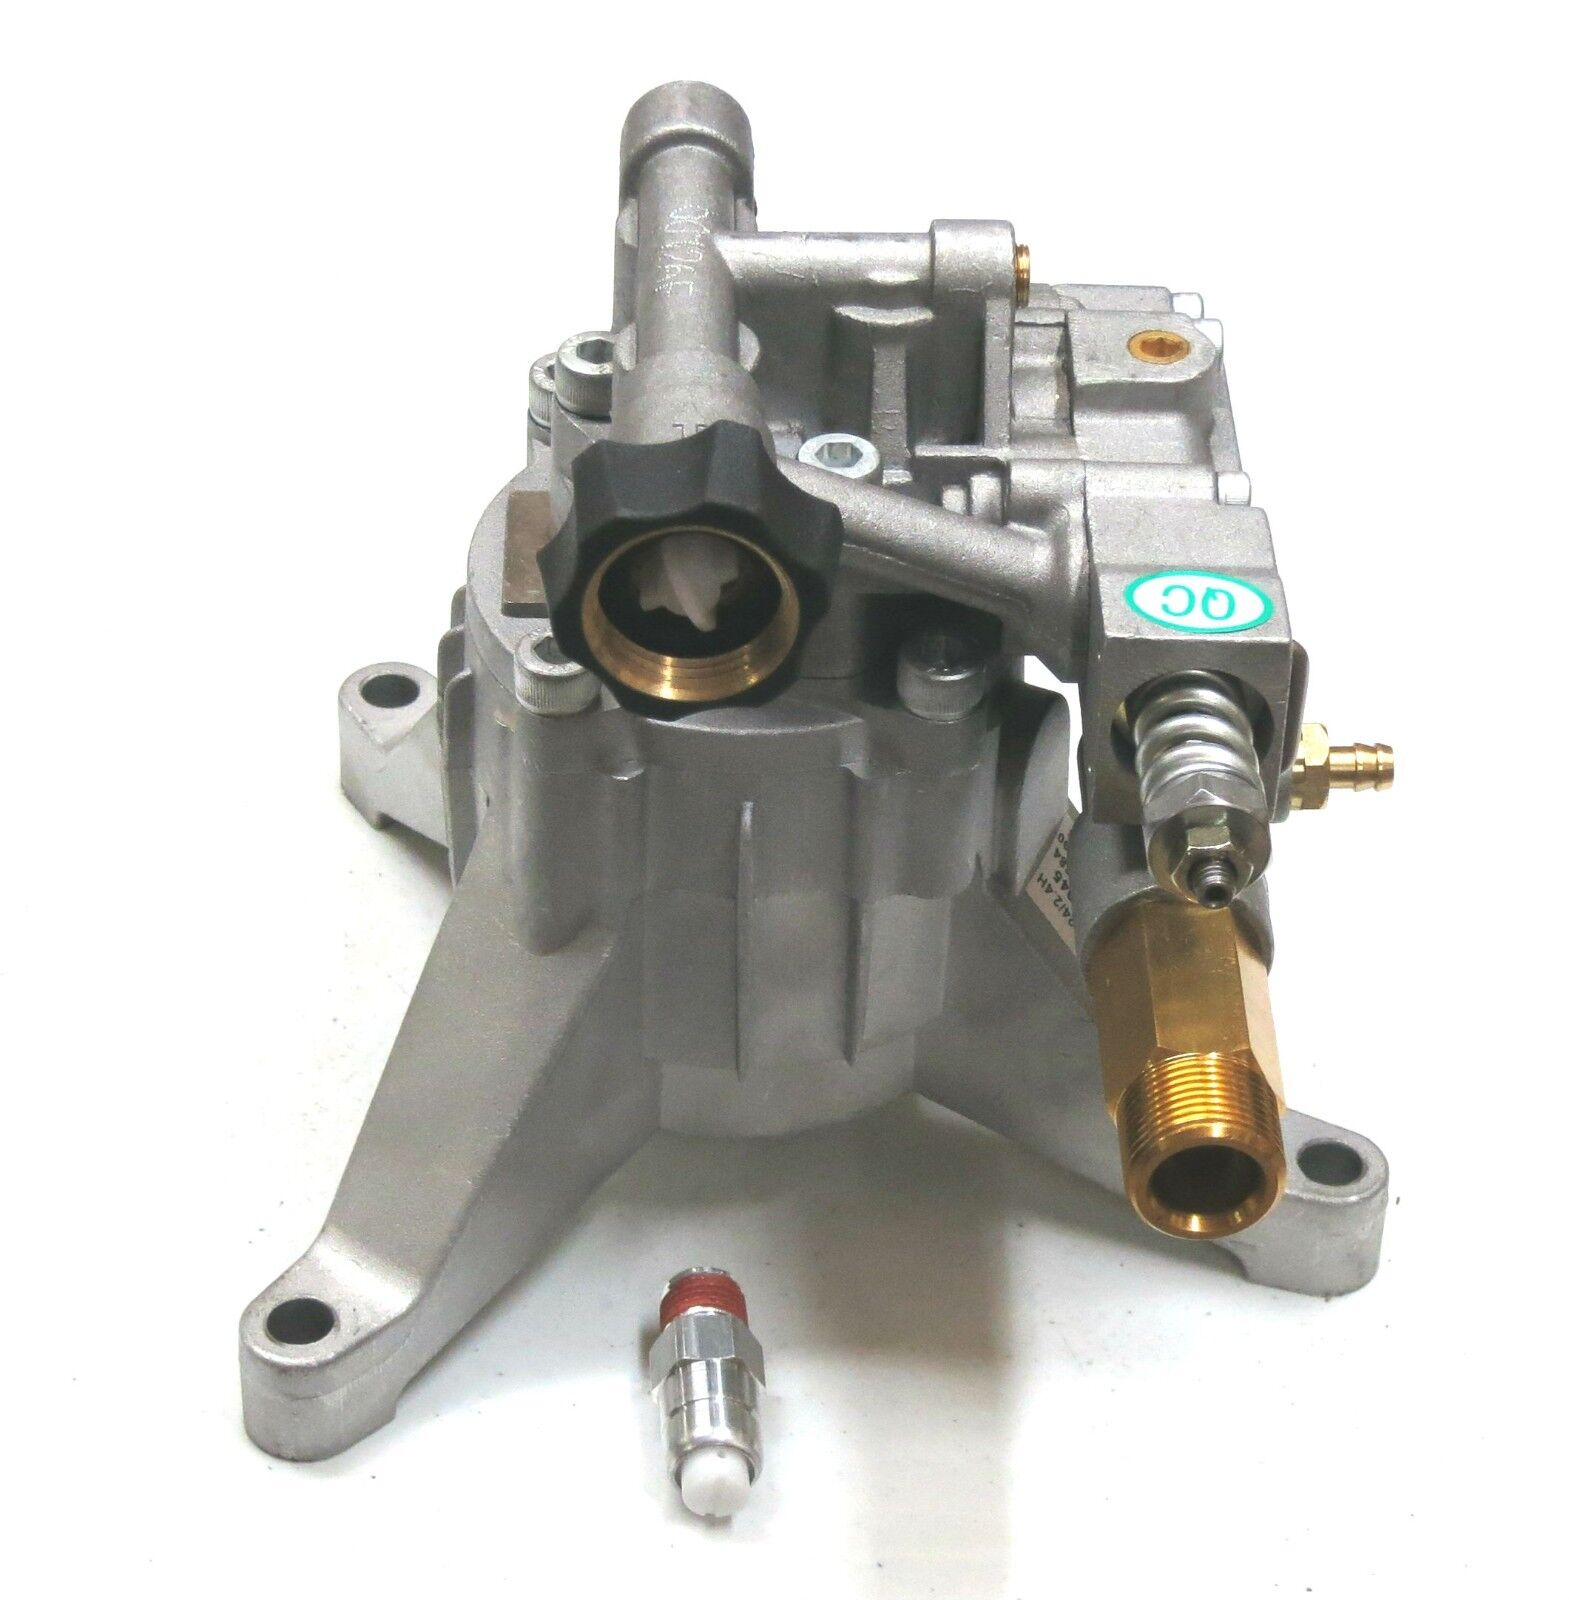 New Universal POWER PRESSURE WASHER WATER PUMP 2800 psi Generac